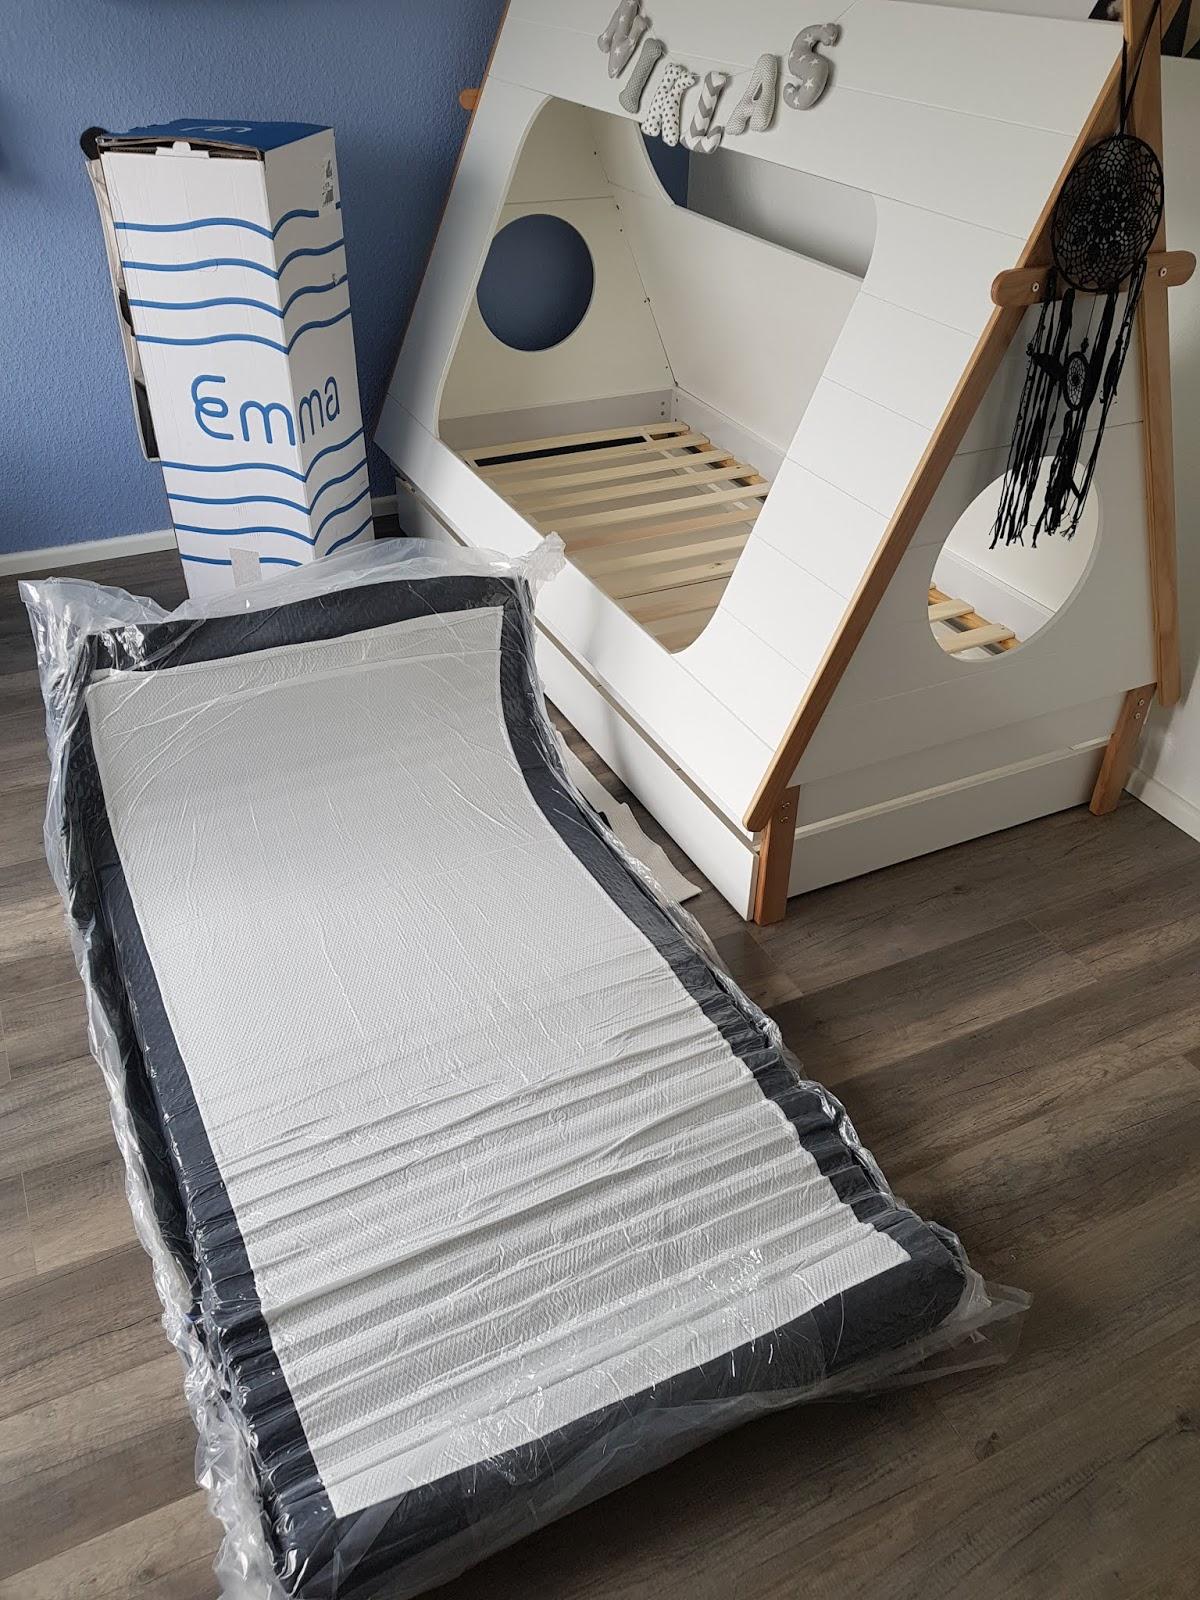 warum fiel unsere wahl auf dieemma air matratze. Black Bedroom Furniture Sets. Home Design Ideas